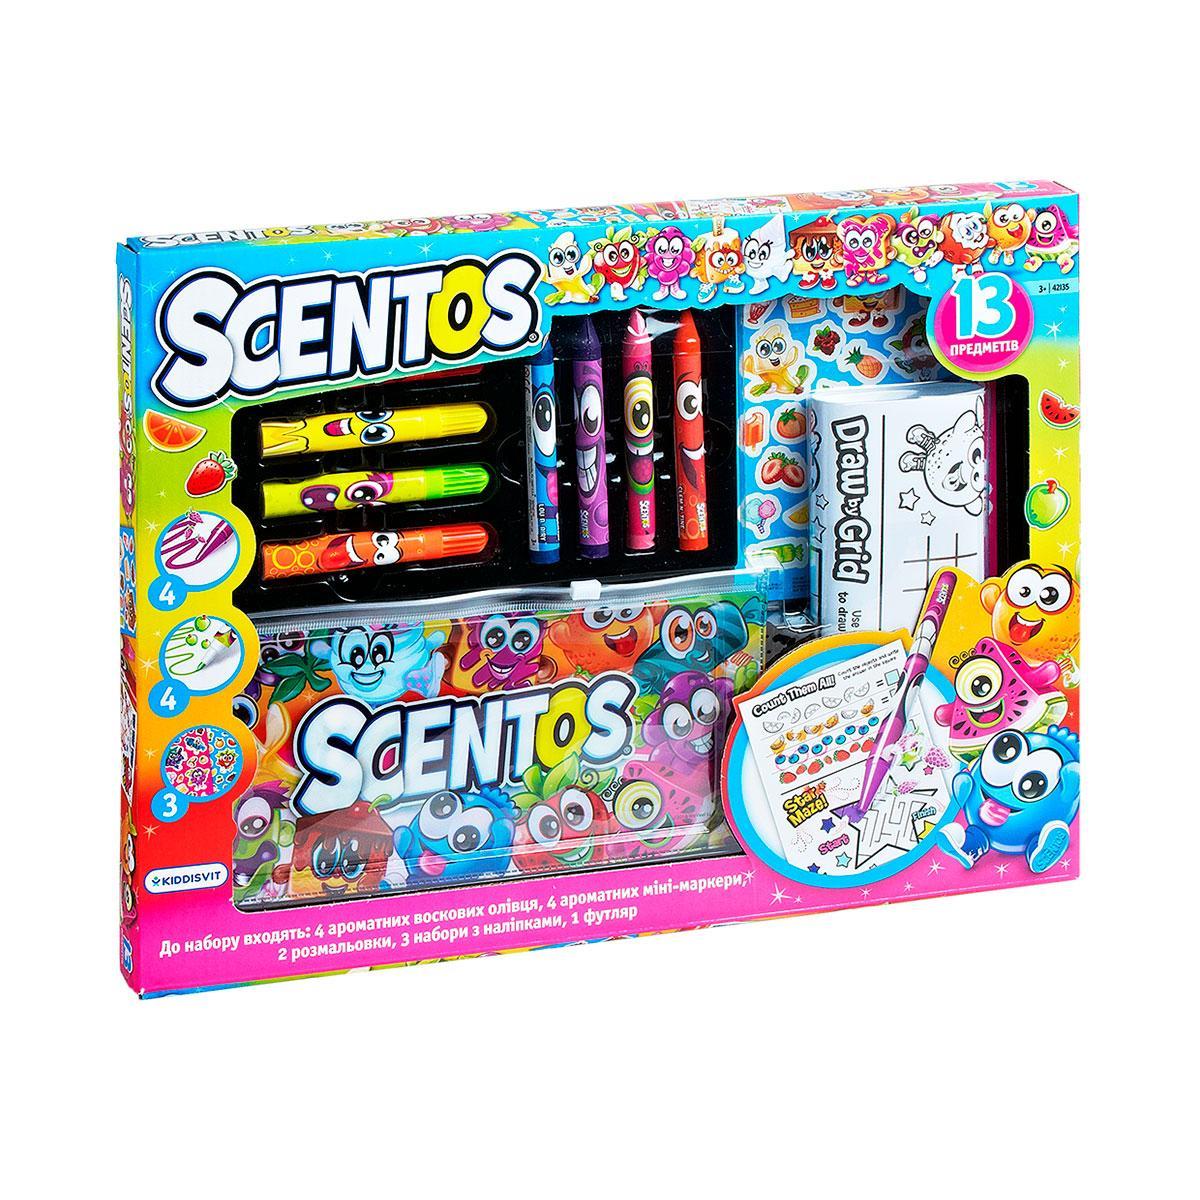 Ароматный Набор Для Творчества - Забавная Компания Scentos 42135